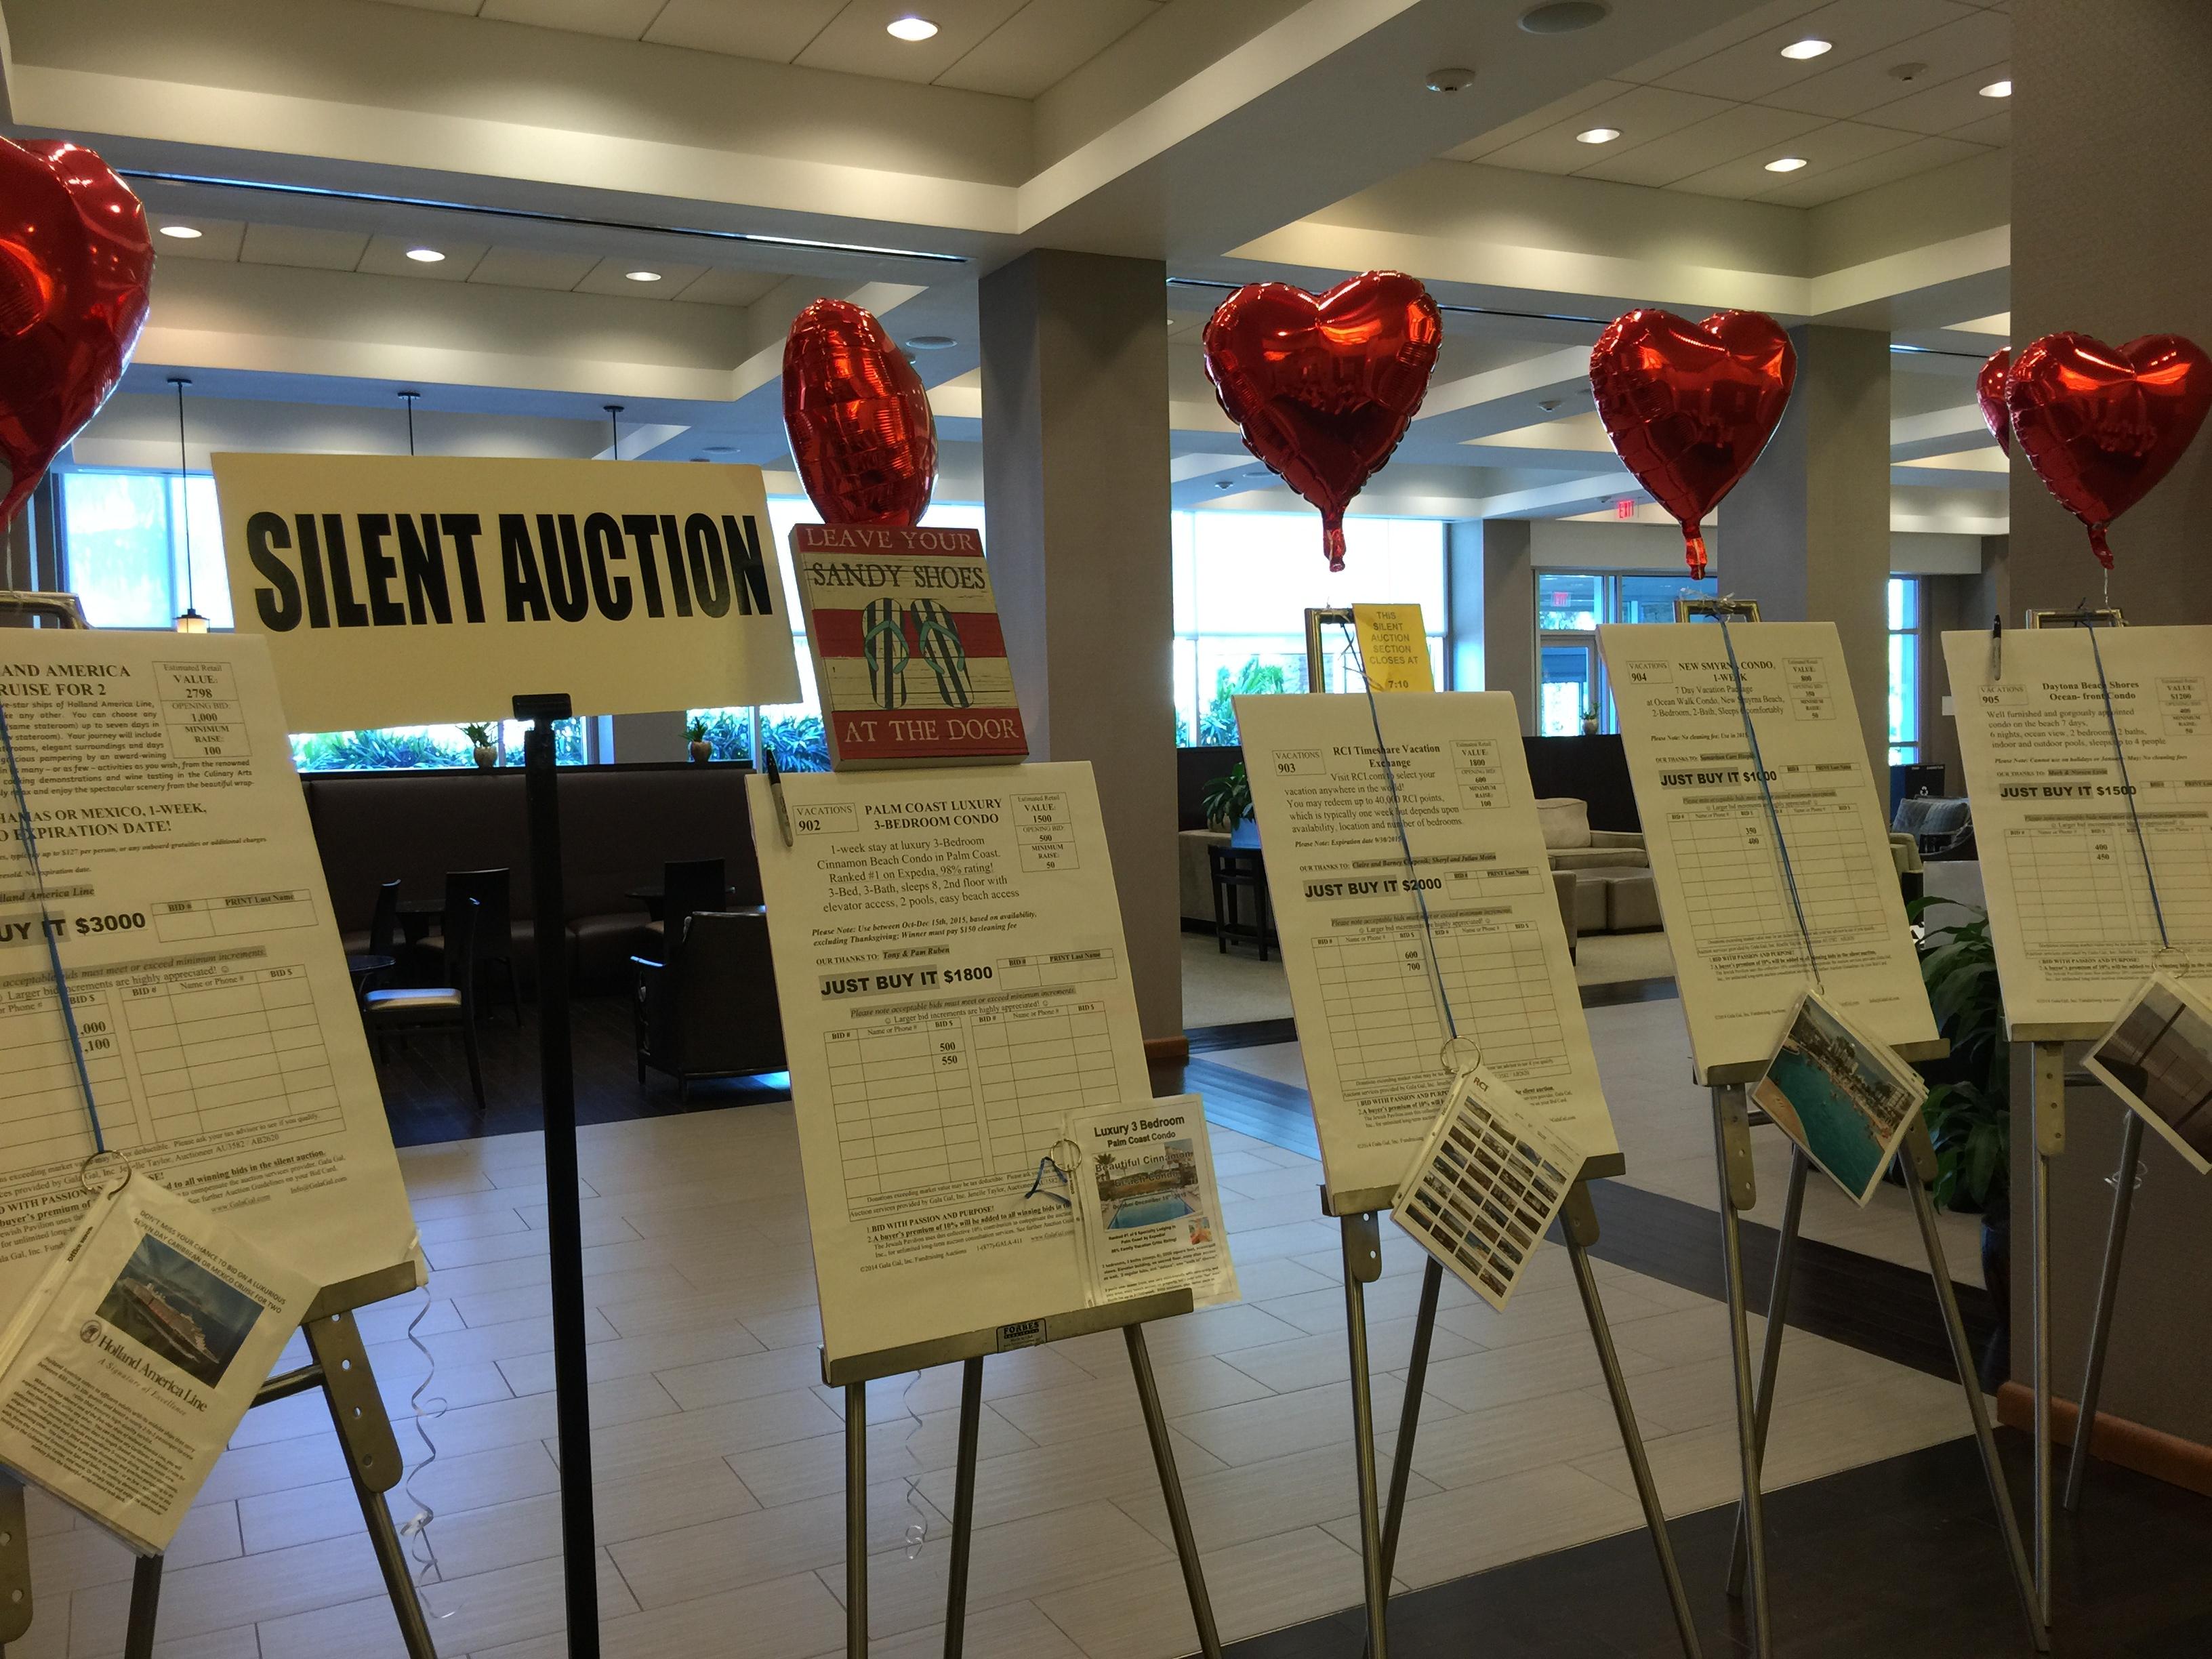 silent auction description sheets